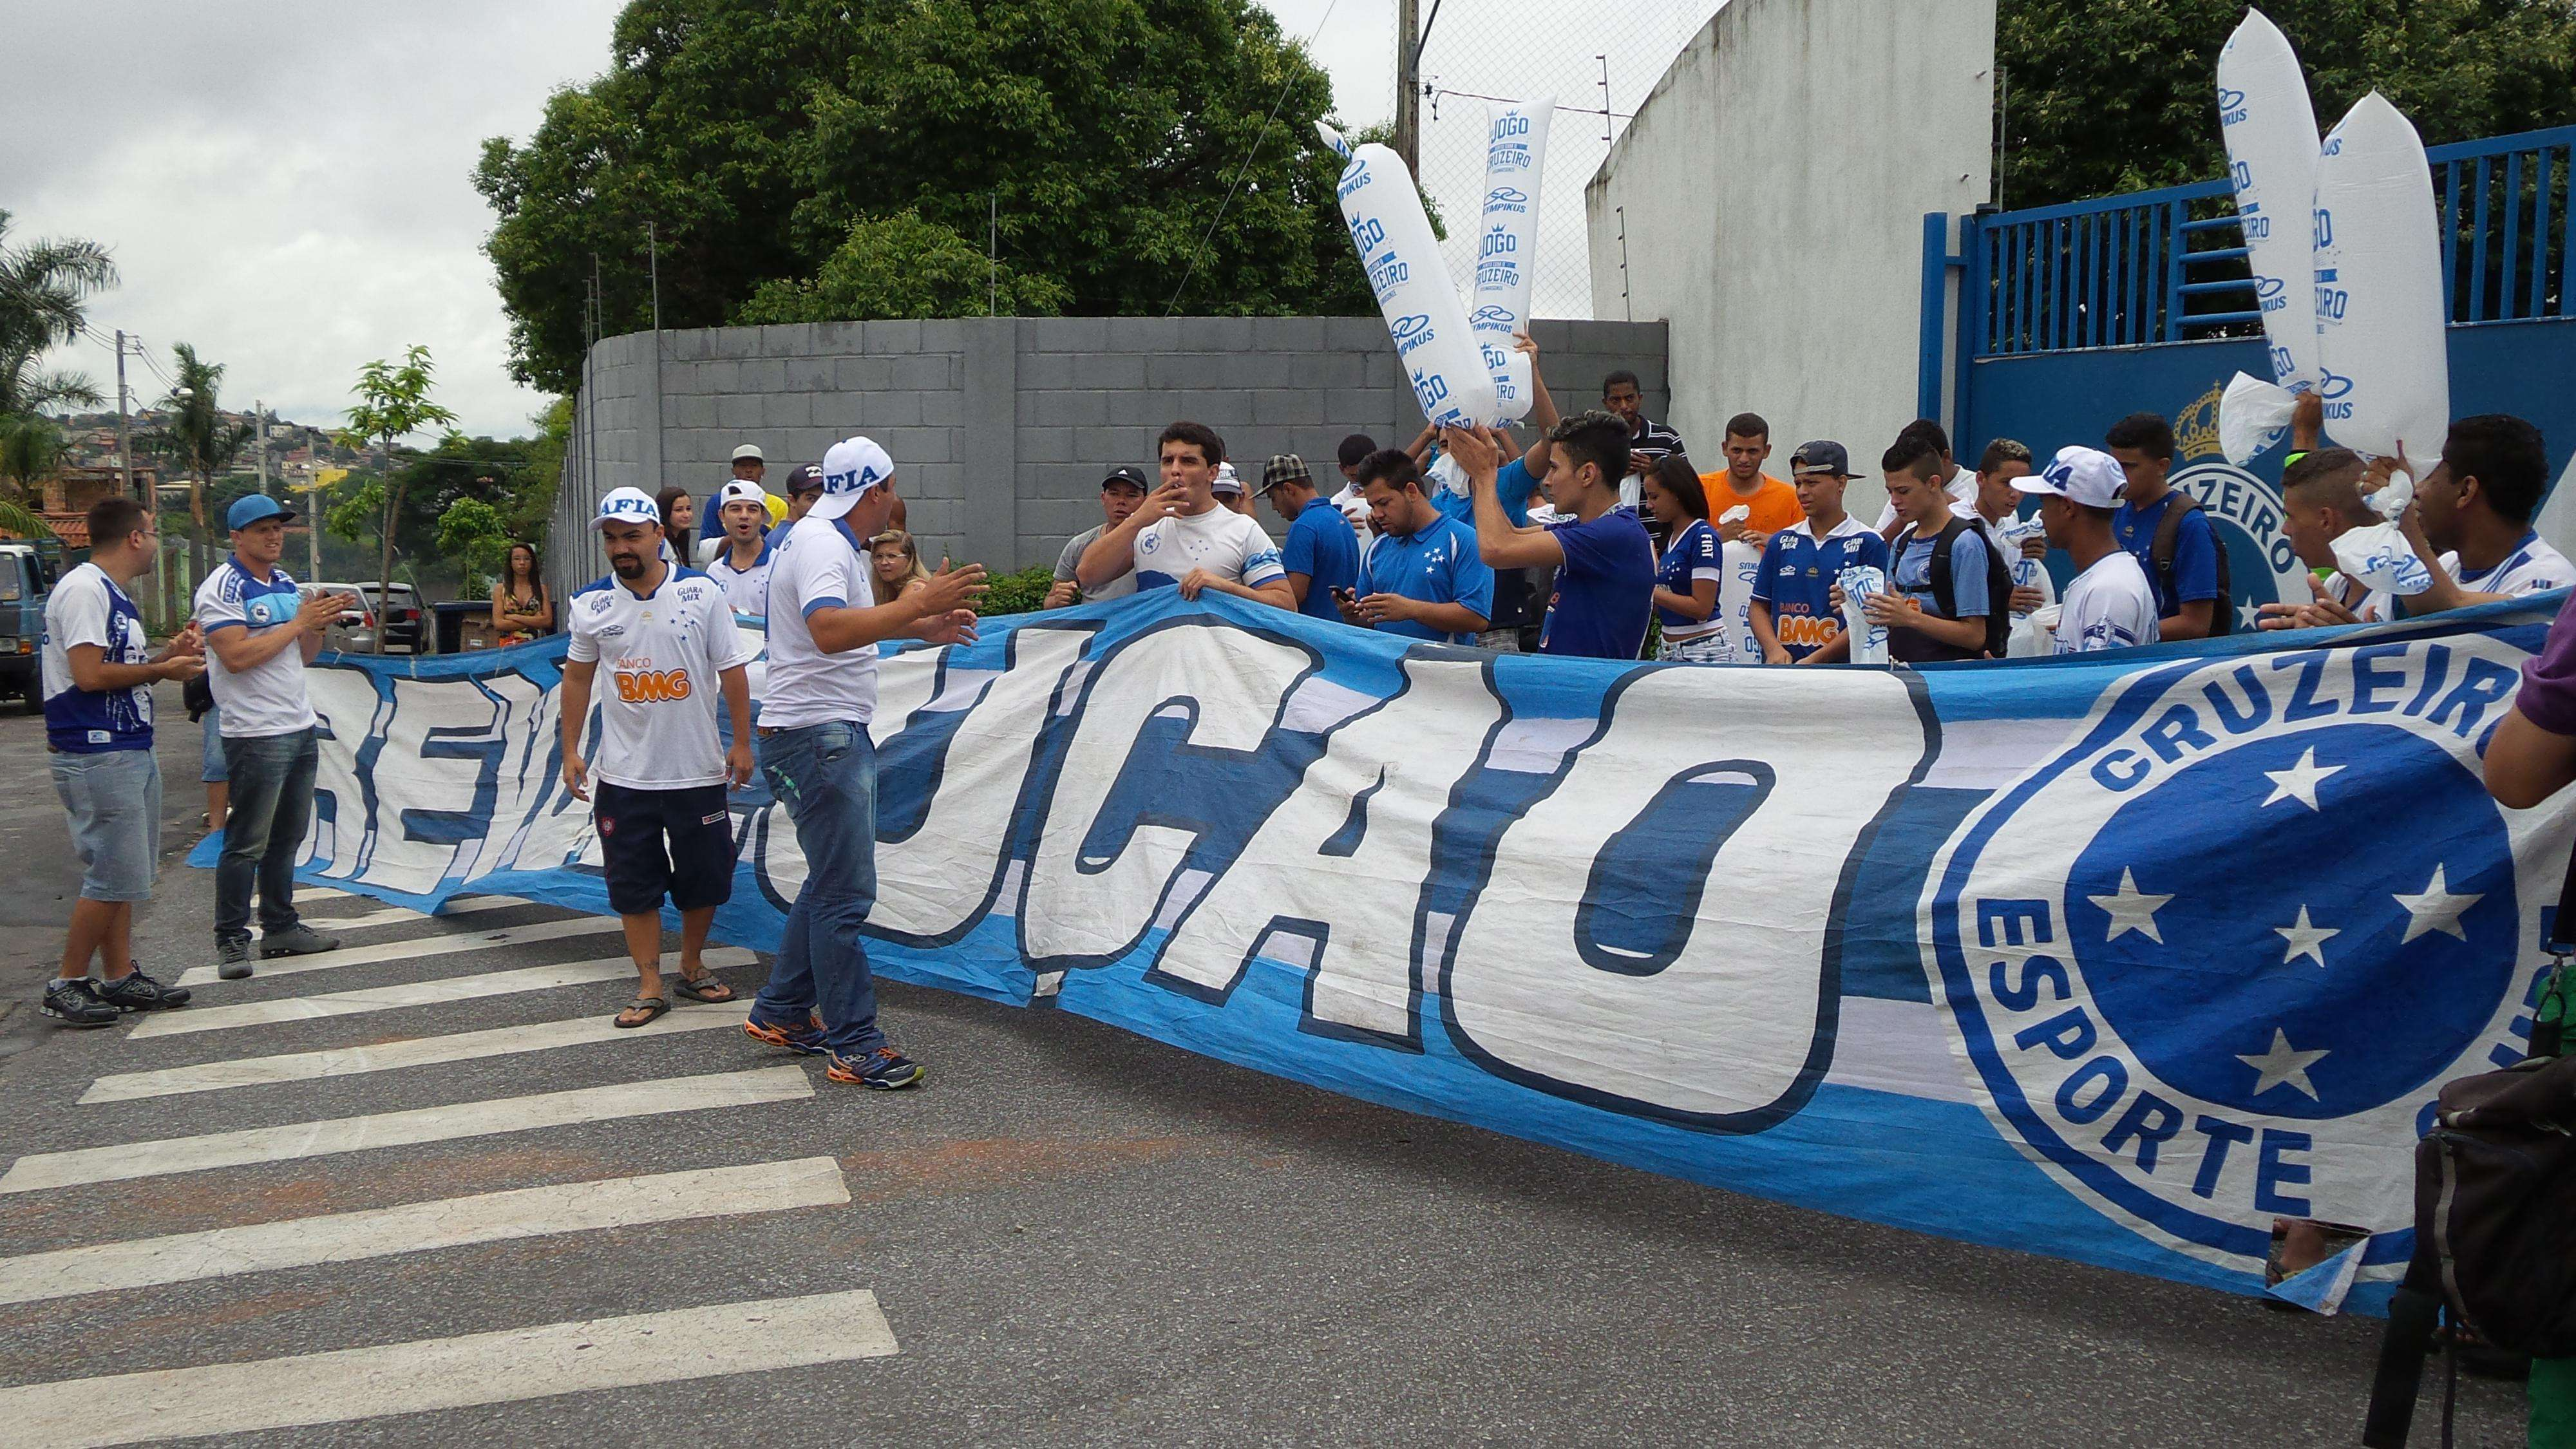 Torcedores do Cruzeiro atrasaram e não conseguiram fazer a festa que pretendiam Foto: André Reis/Terra